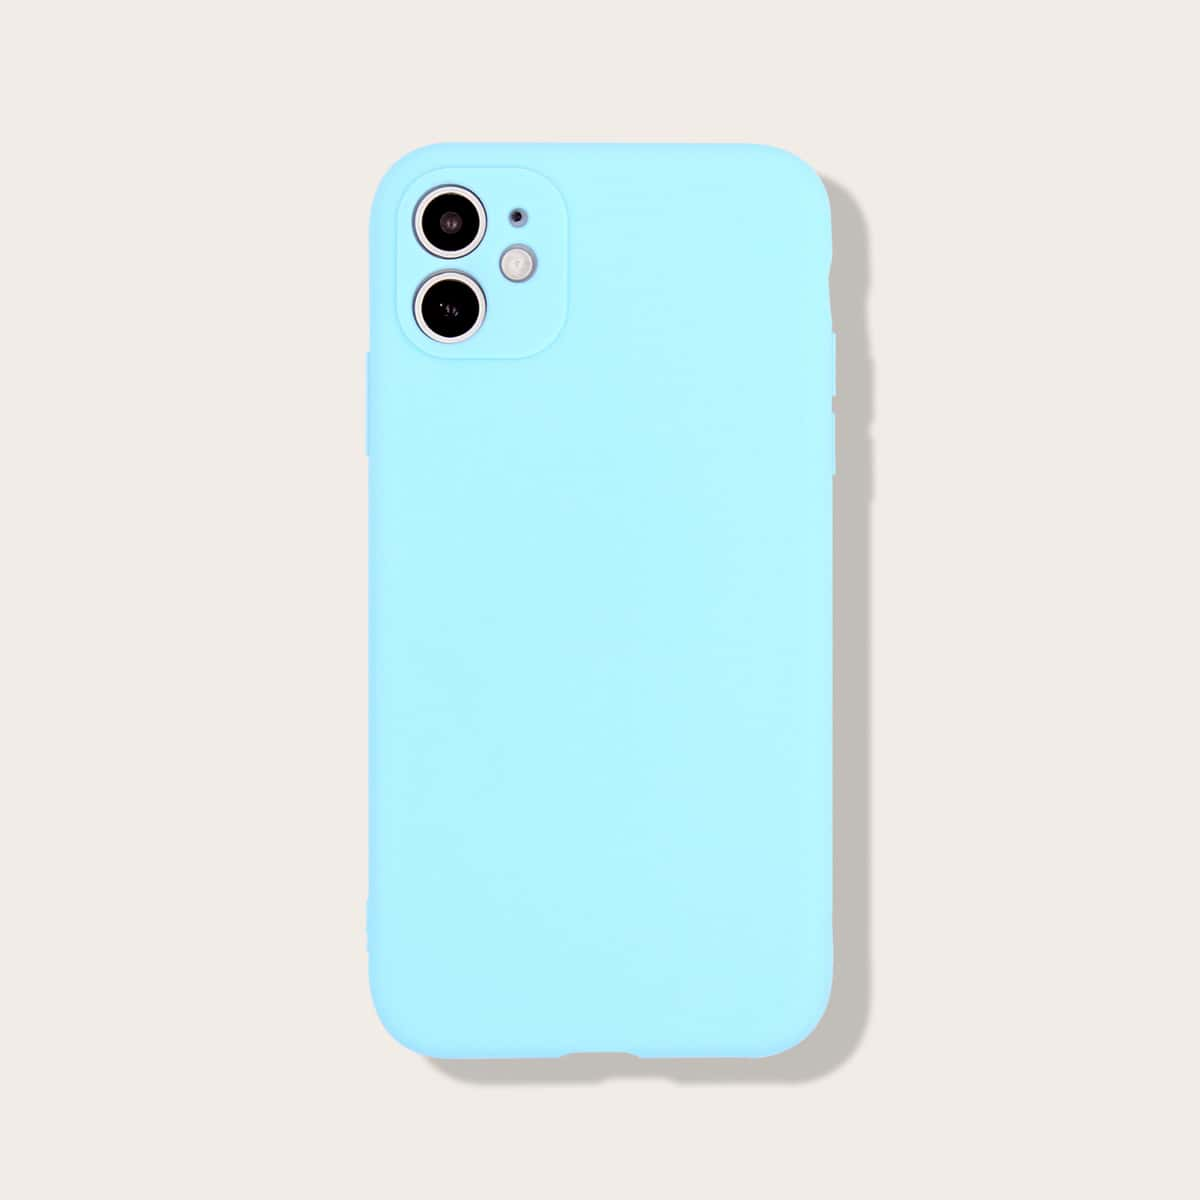 Custodia iPhone anti-fall monocolore